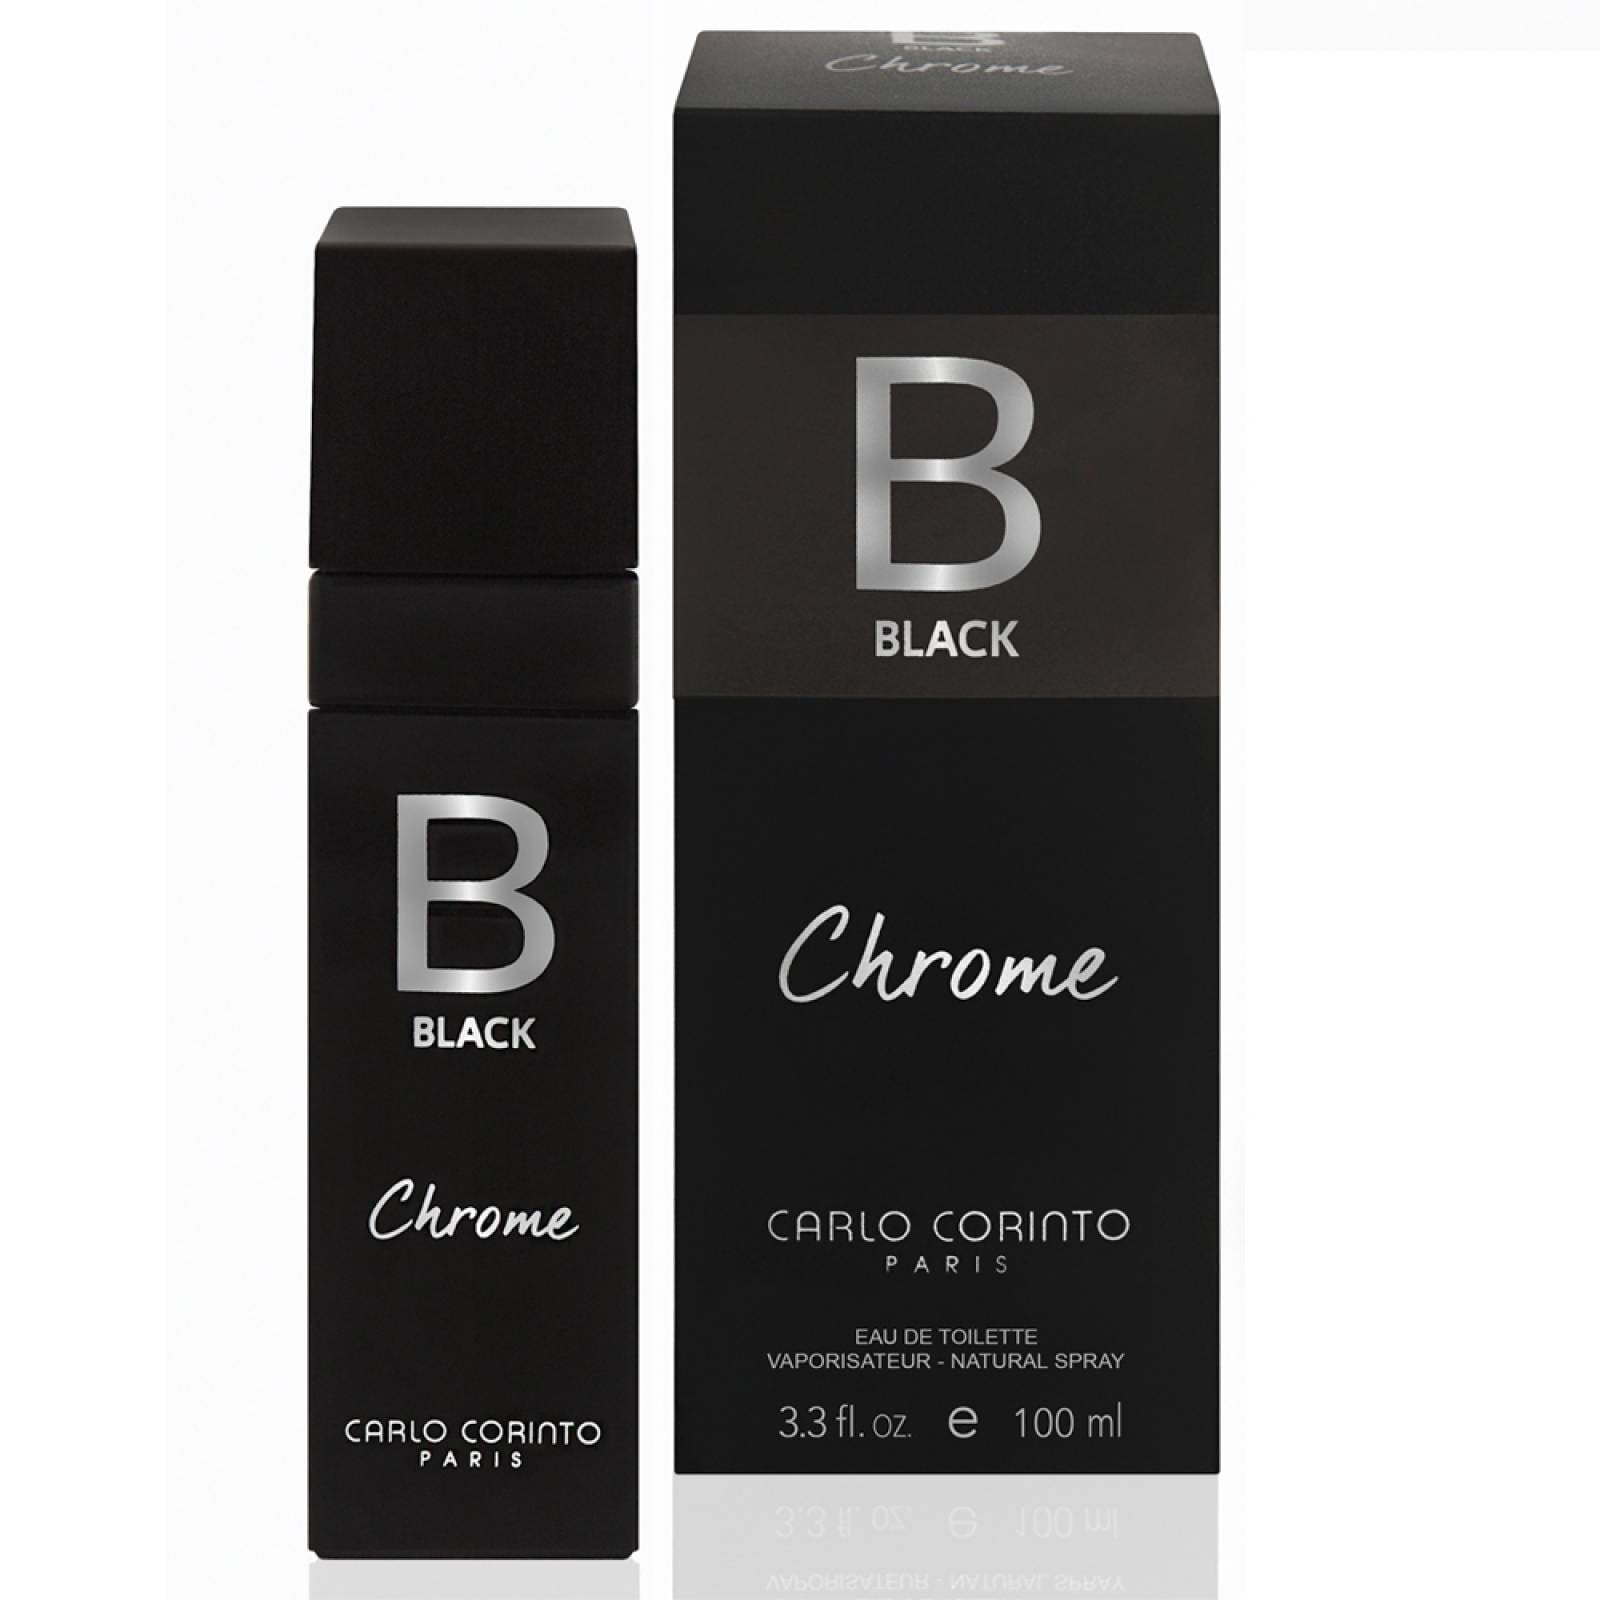 Carlo Corinto Black Chrome de Carlo Corinto Fragancia para Caballero